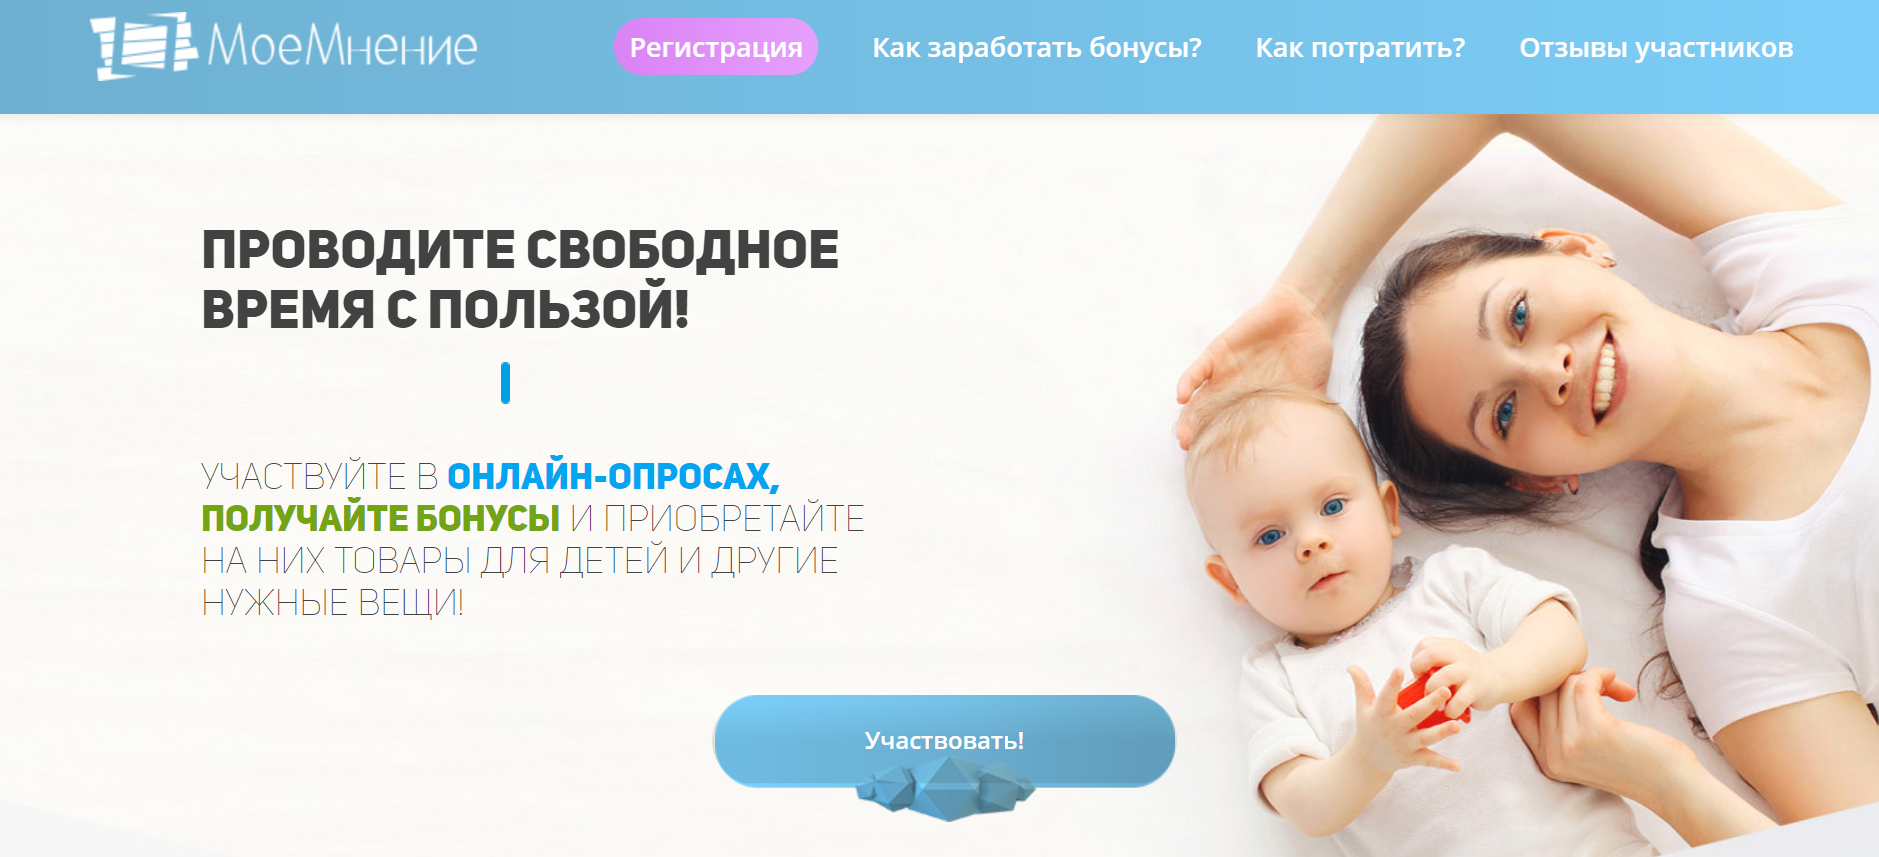 lending-oprosnik-dlya-buduschih-mam